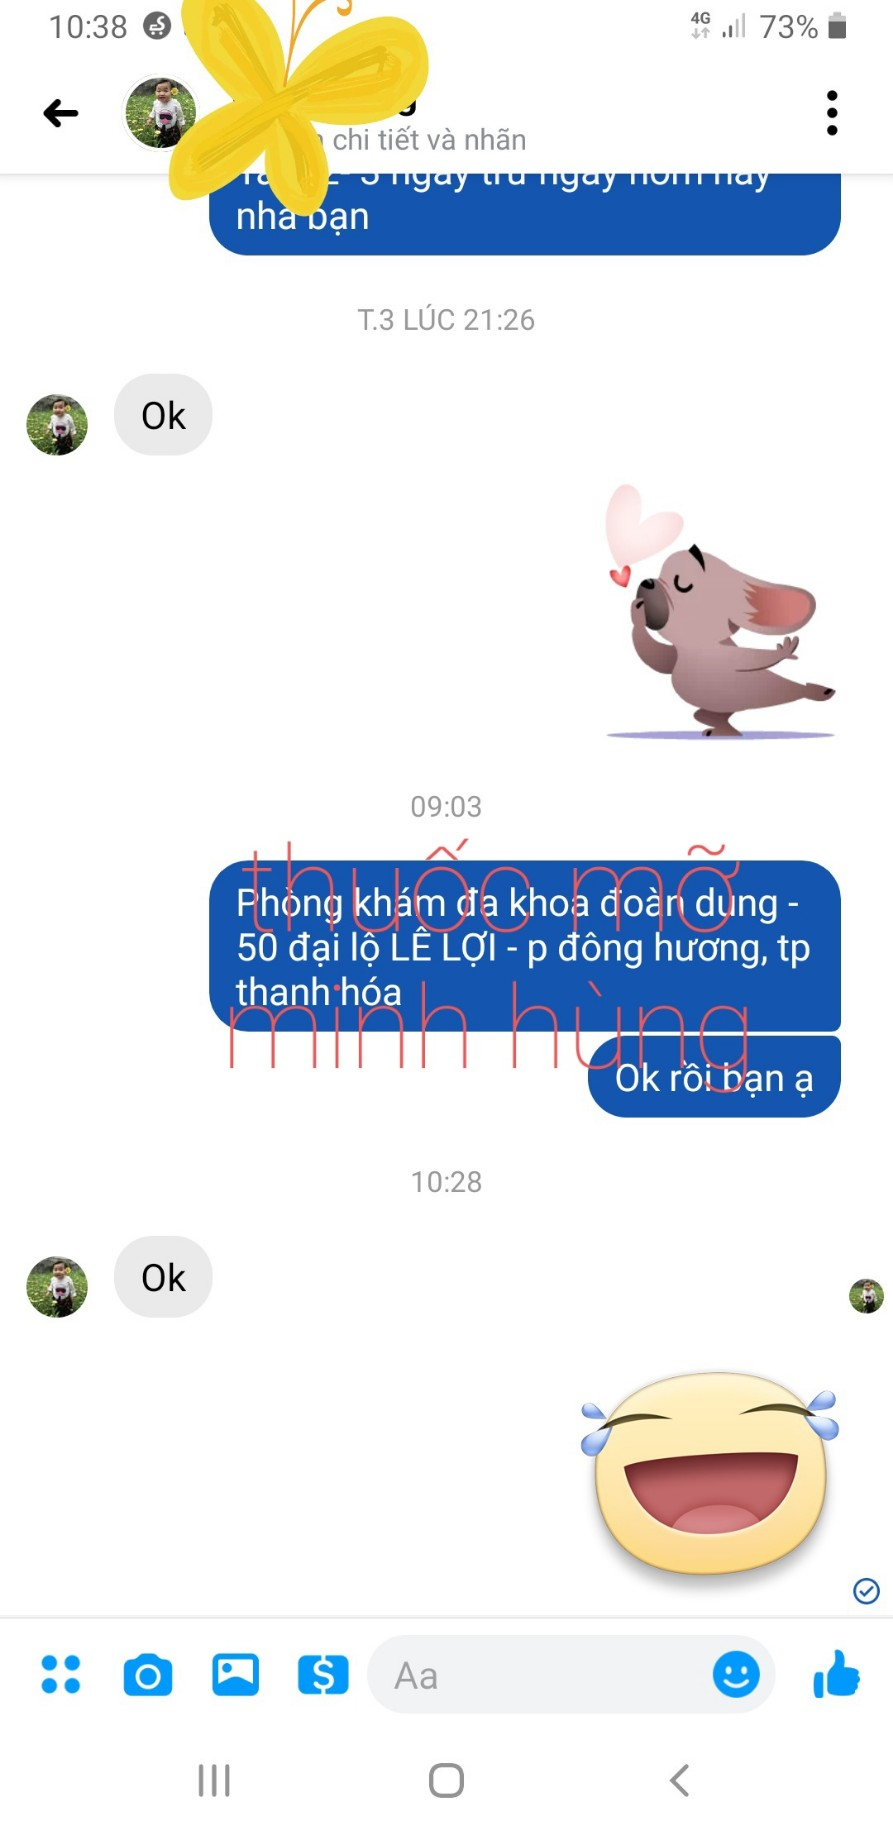 Thuoc Mo Minh Hung (2)